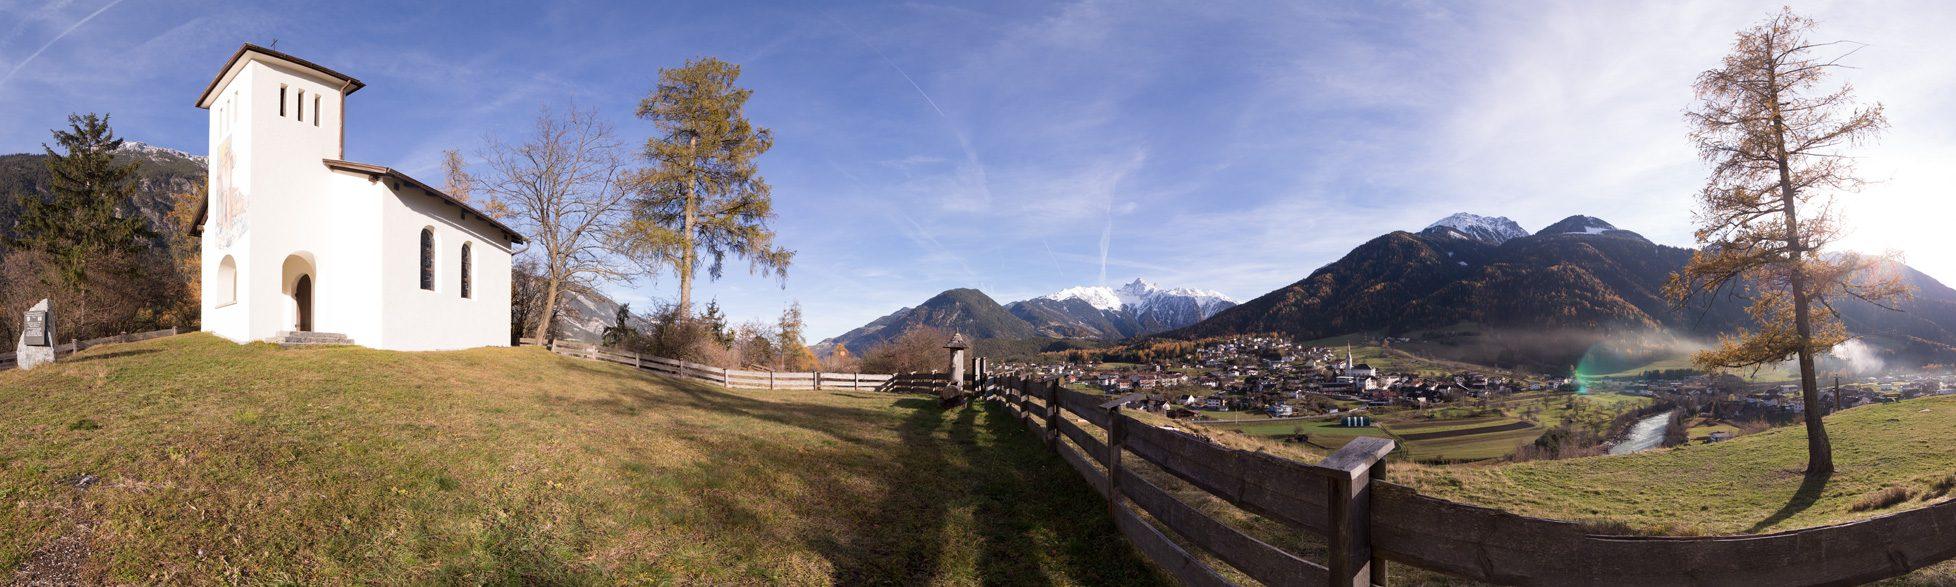 Panorama, Roppen, Titelbild